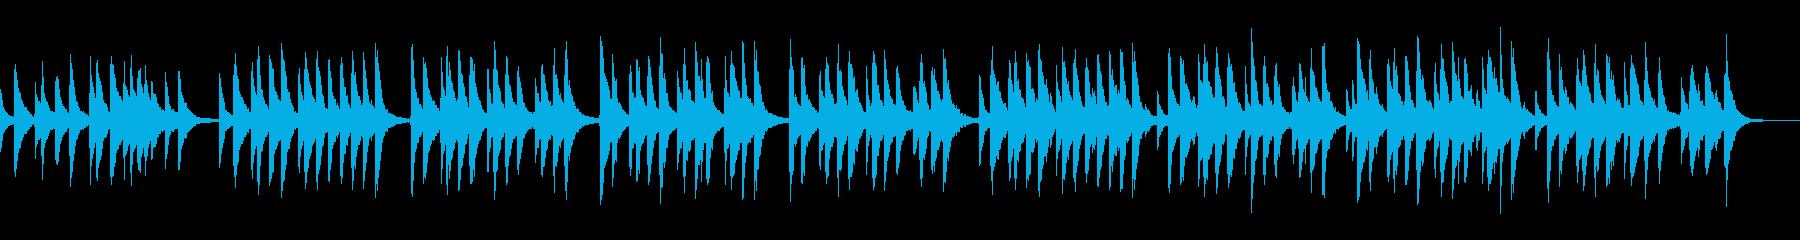 琴が奏でる和風スコットランド民謡 蛍の光の再生済みの波形